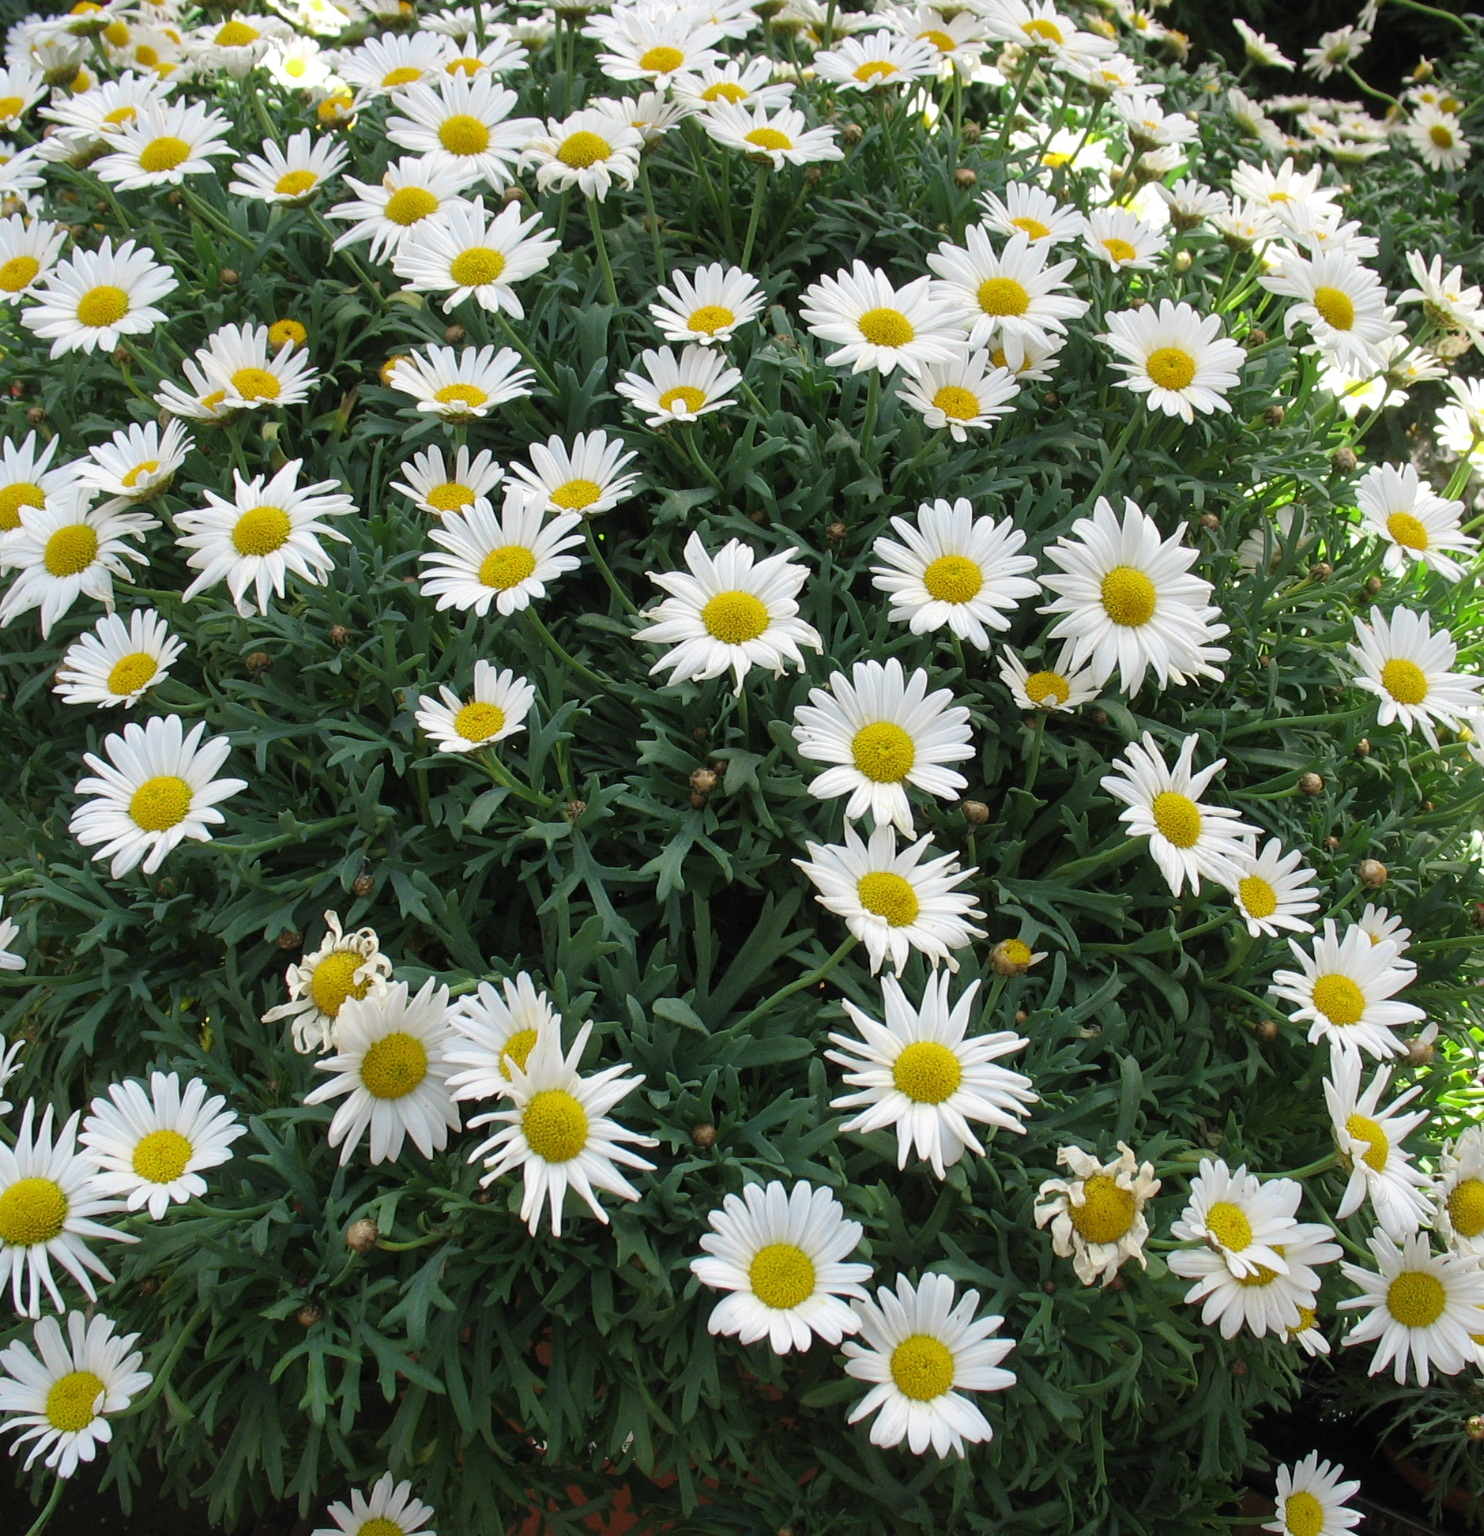 Bild: Zierpflanze; Blume: Margerite.